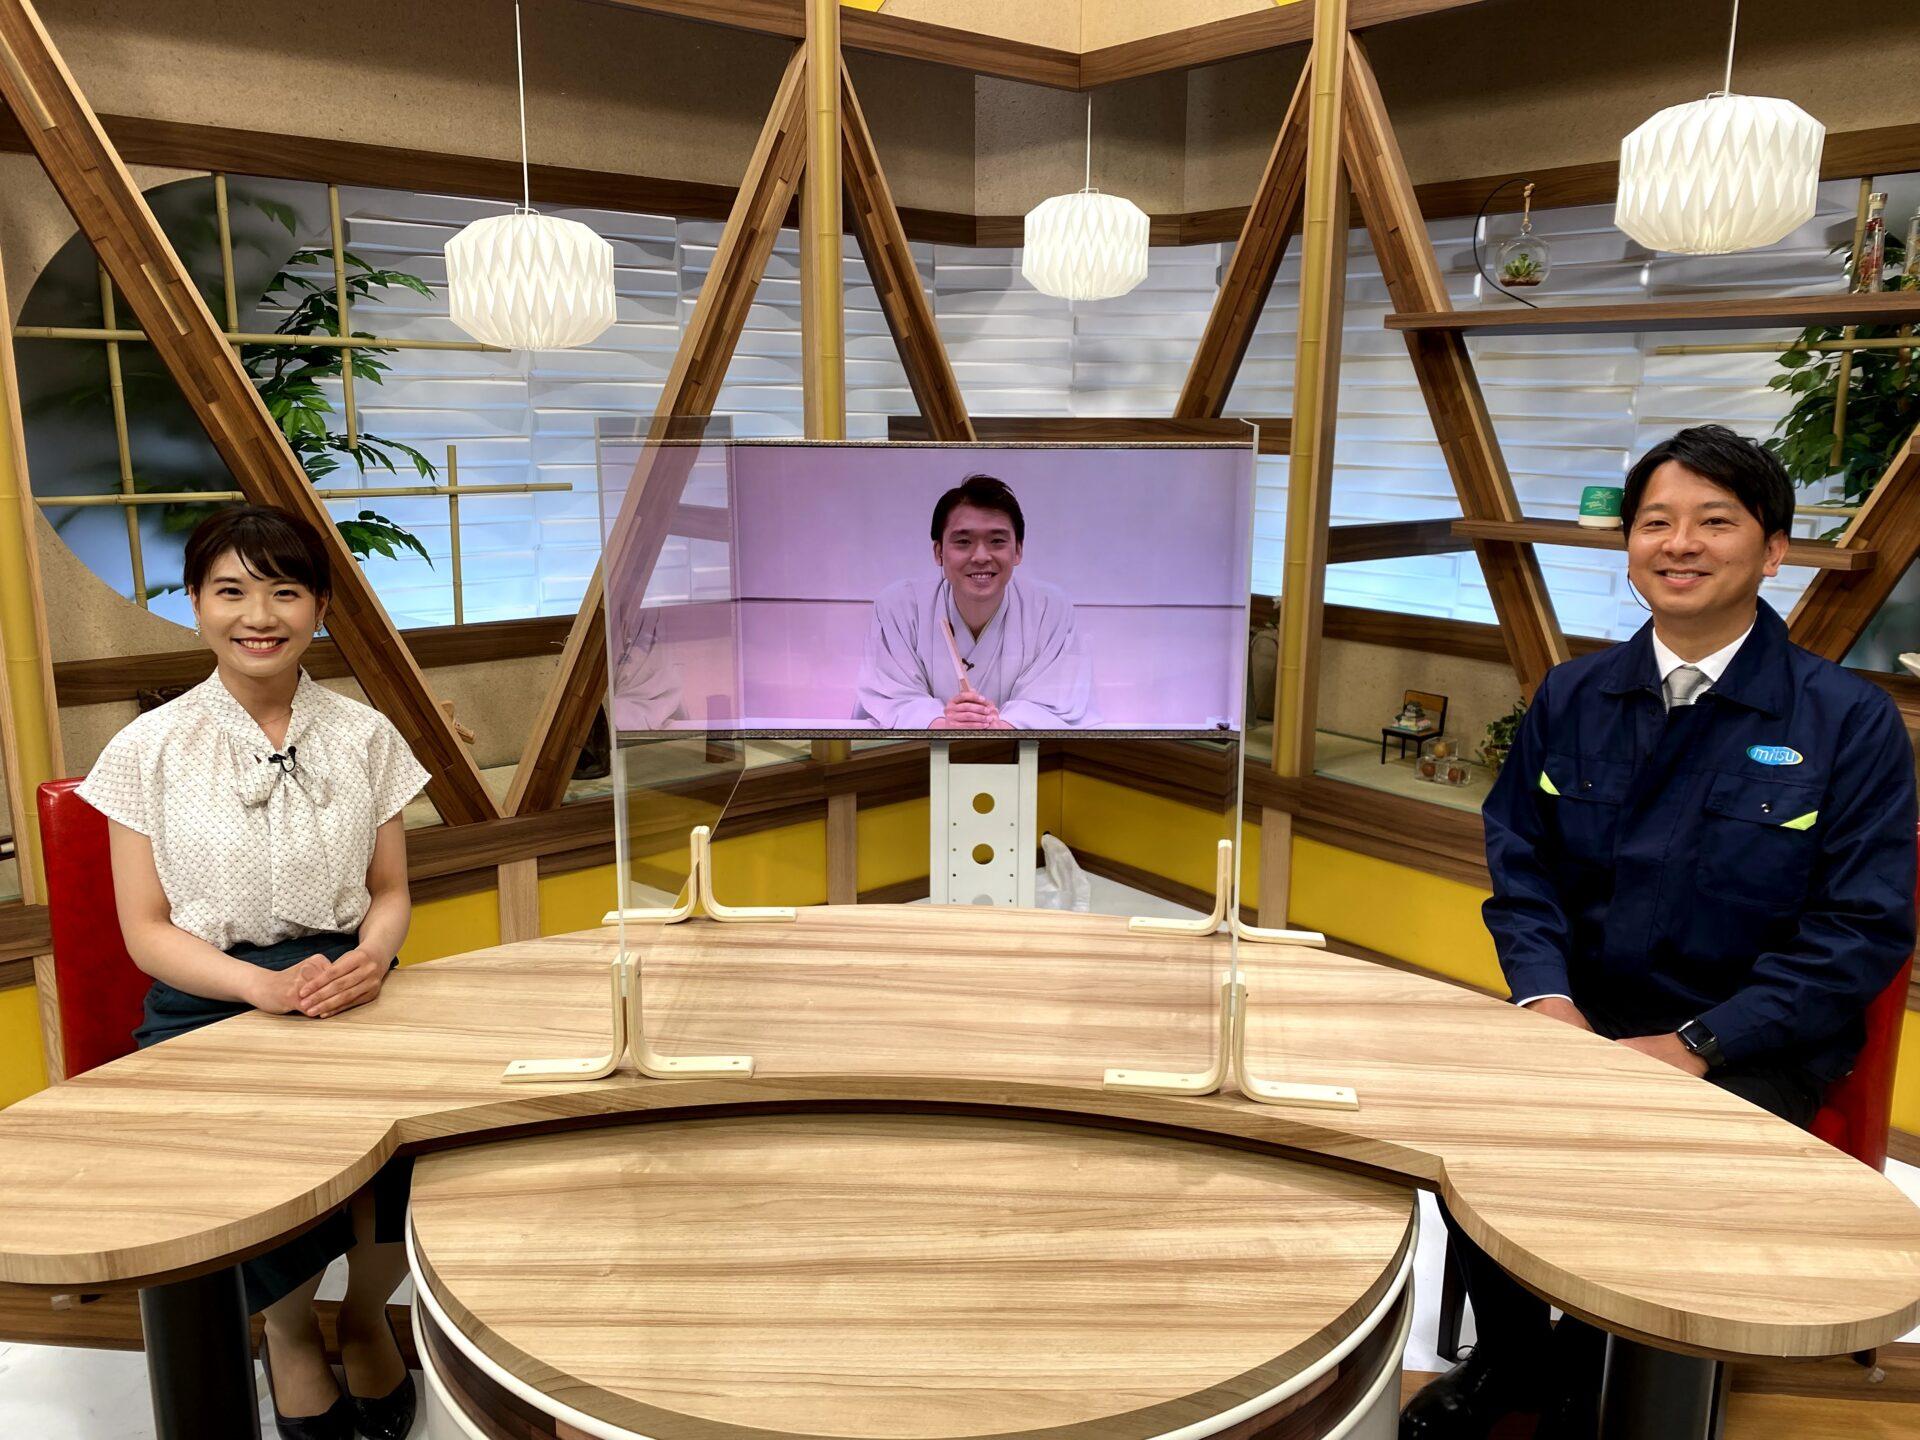 テレビせとうち プライド 出演 御津電子